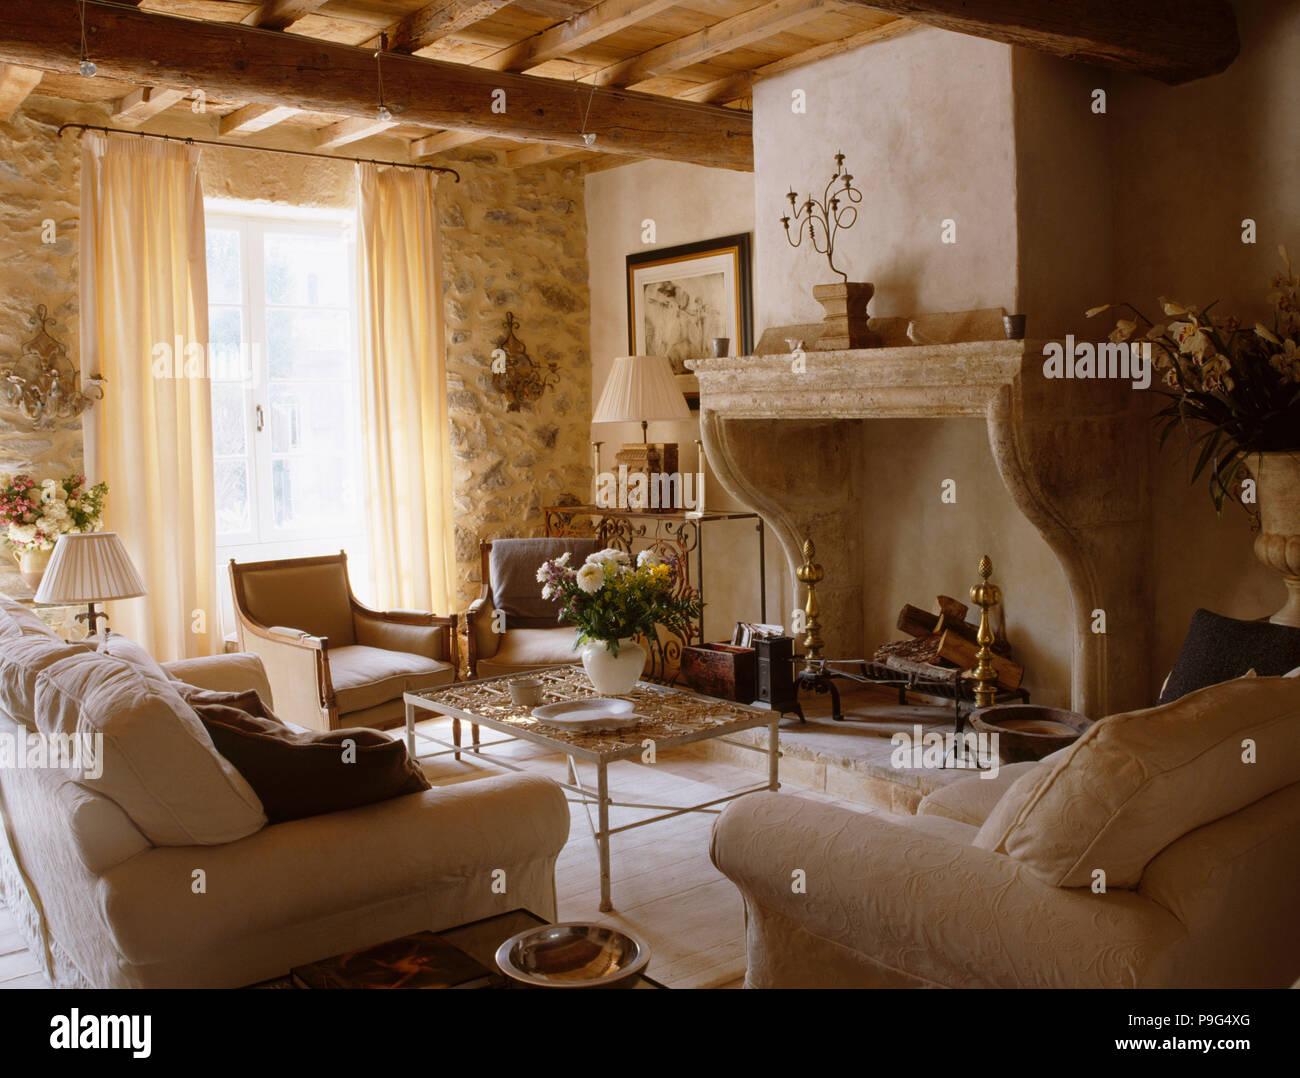 Ruvide pareti in pietra e il grande camino in pietra in stile provenzale la sala di soggiorno - Parete salotto in pietra ...